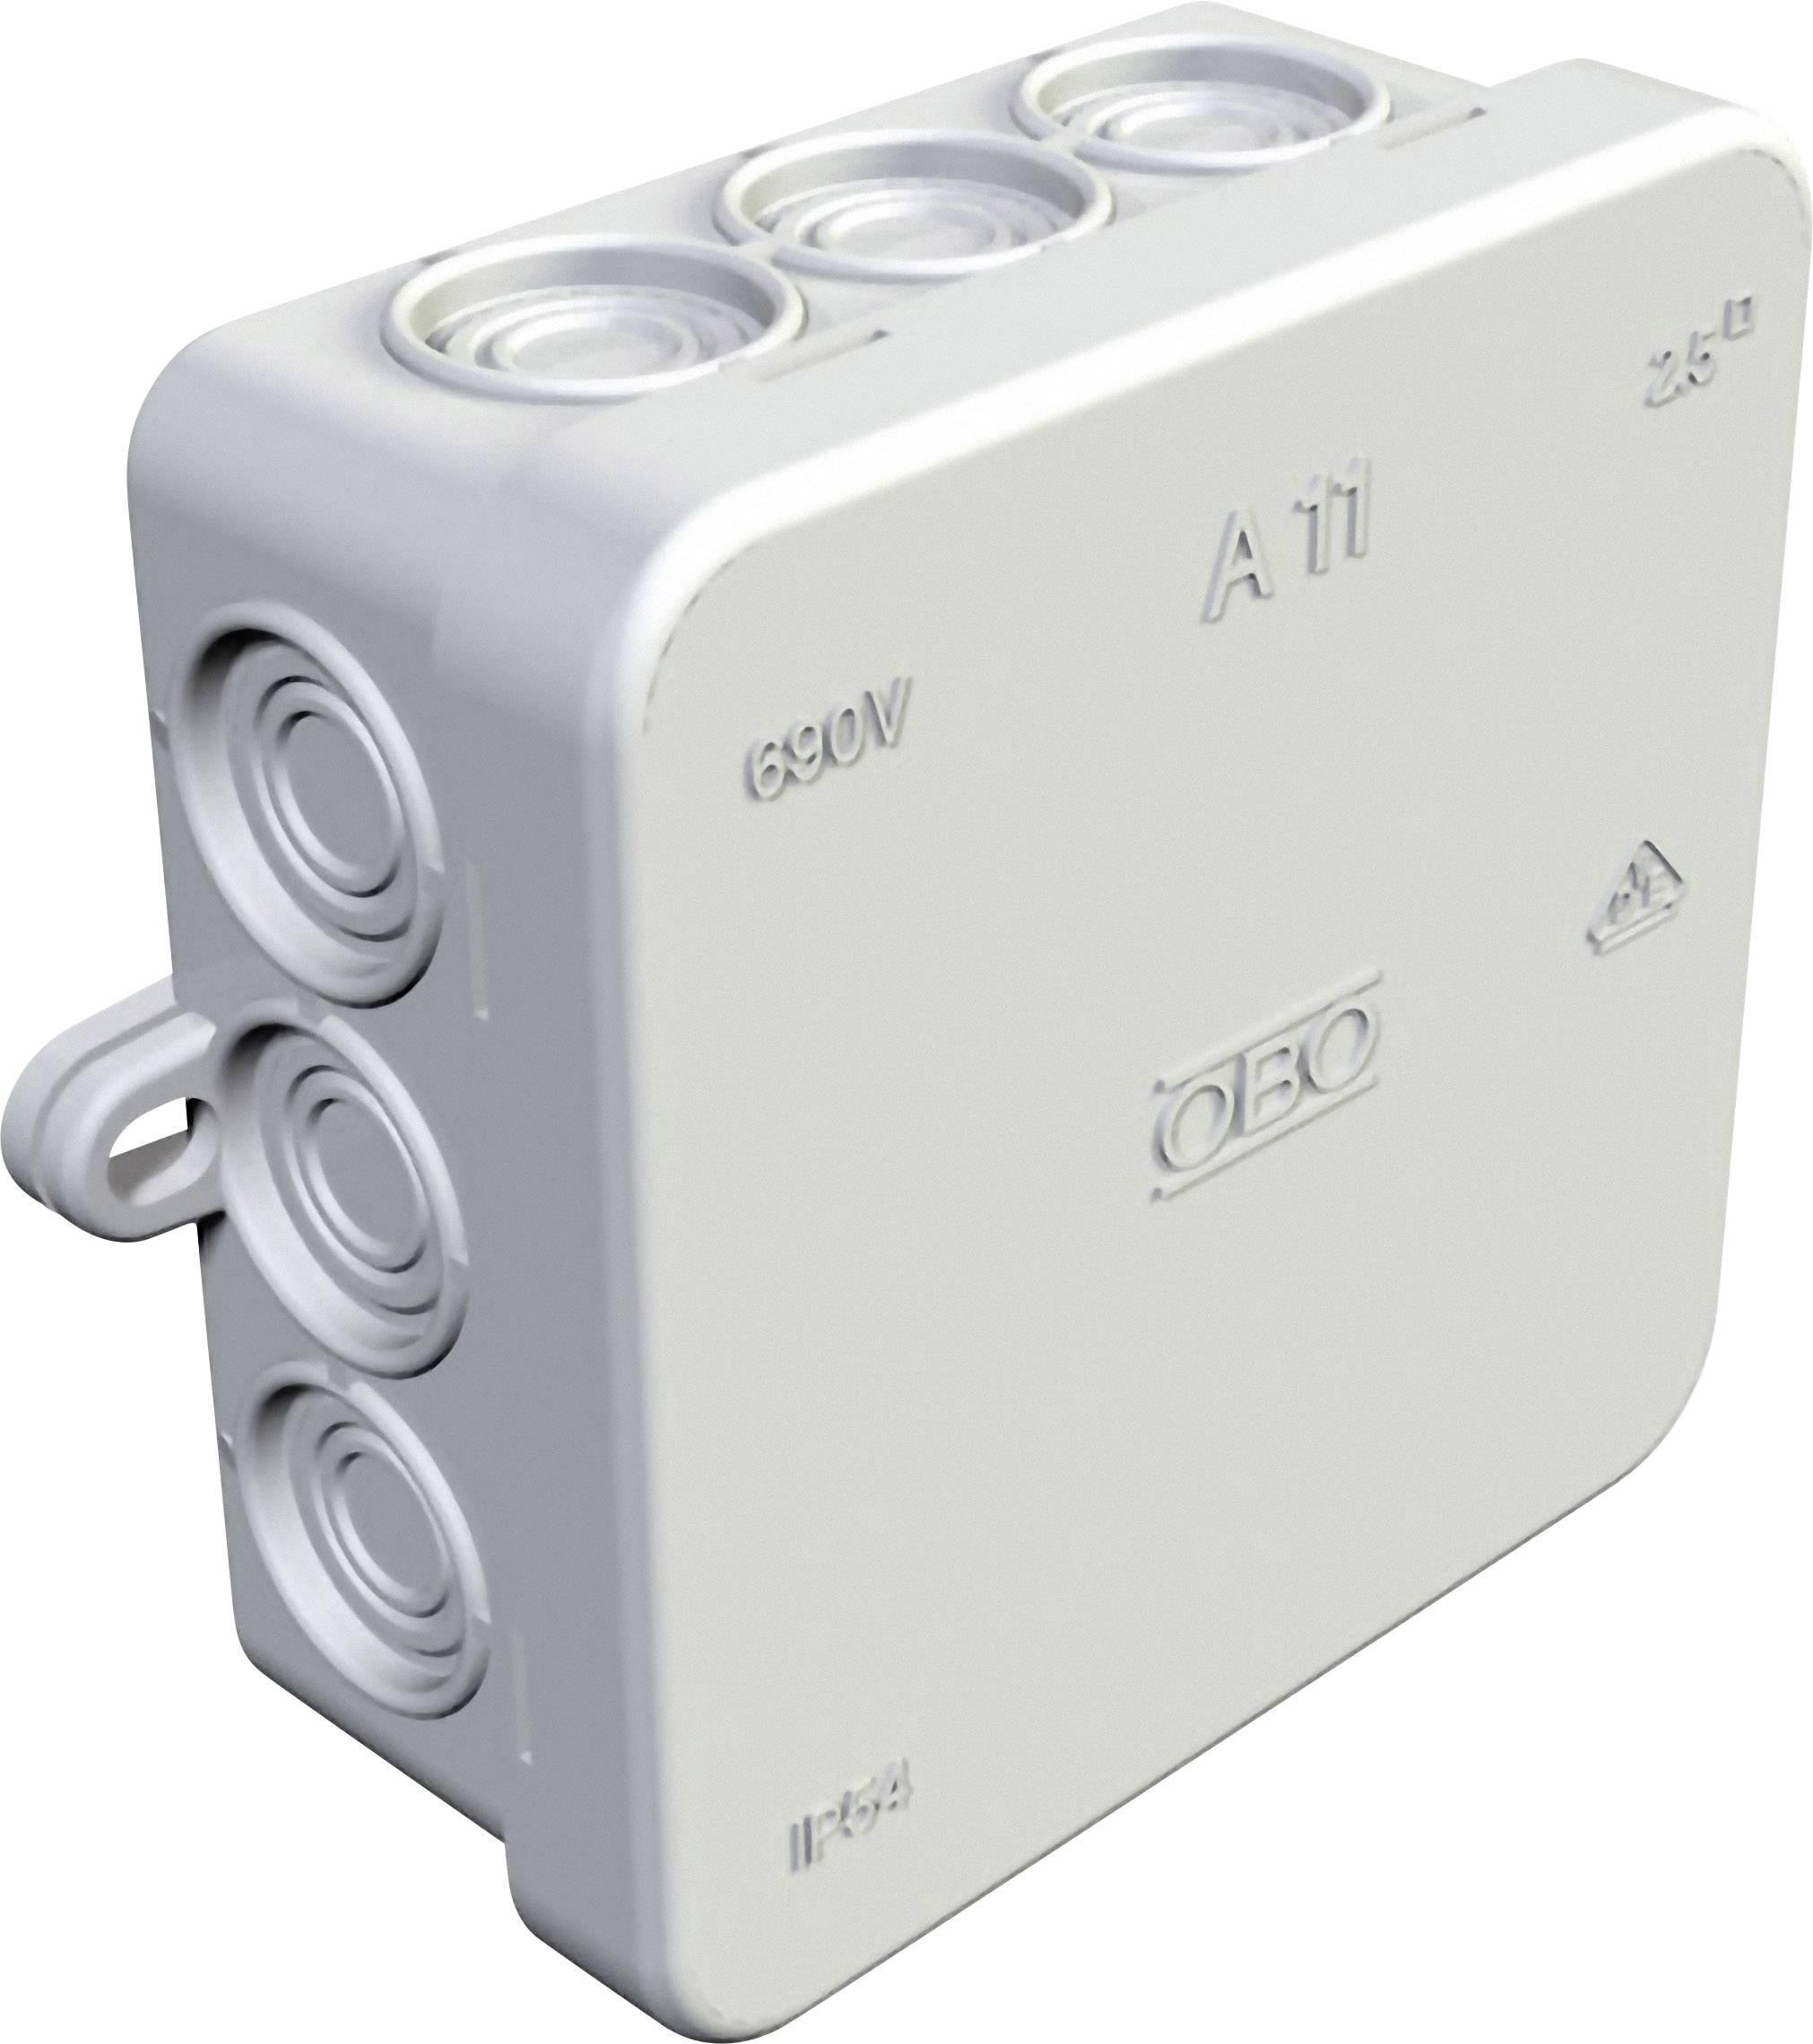 Inštalačná rozbočovacia krabička OBO Bettermann 347114008, (d x š x v) 85 x 85 x 40.5 mm, IP54, svetlo sivá